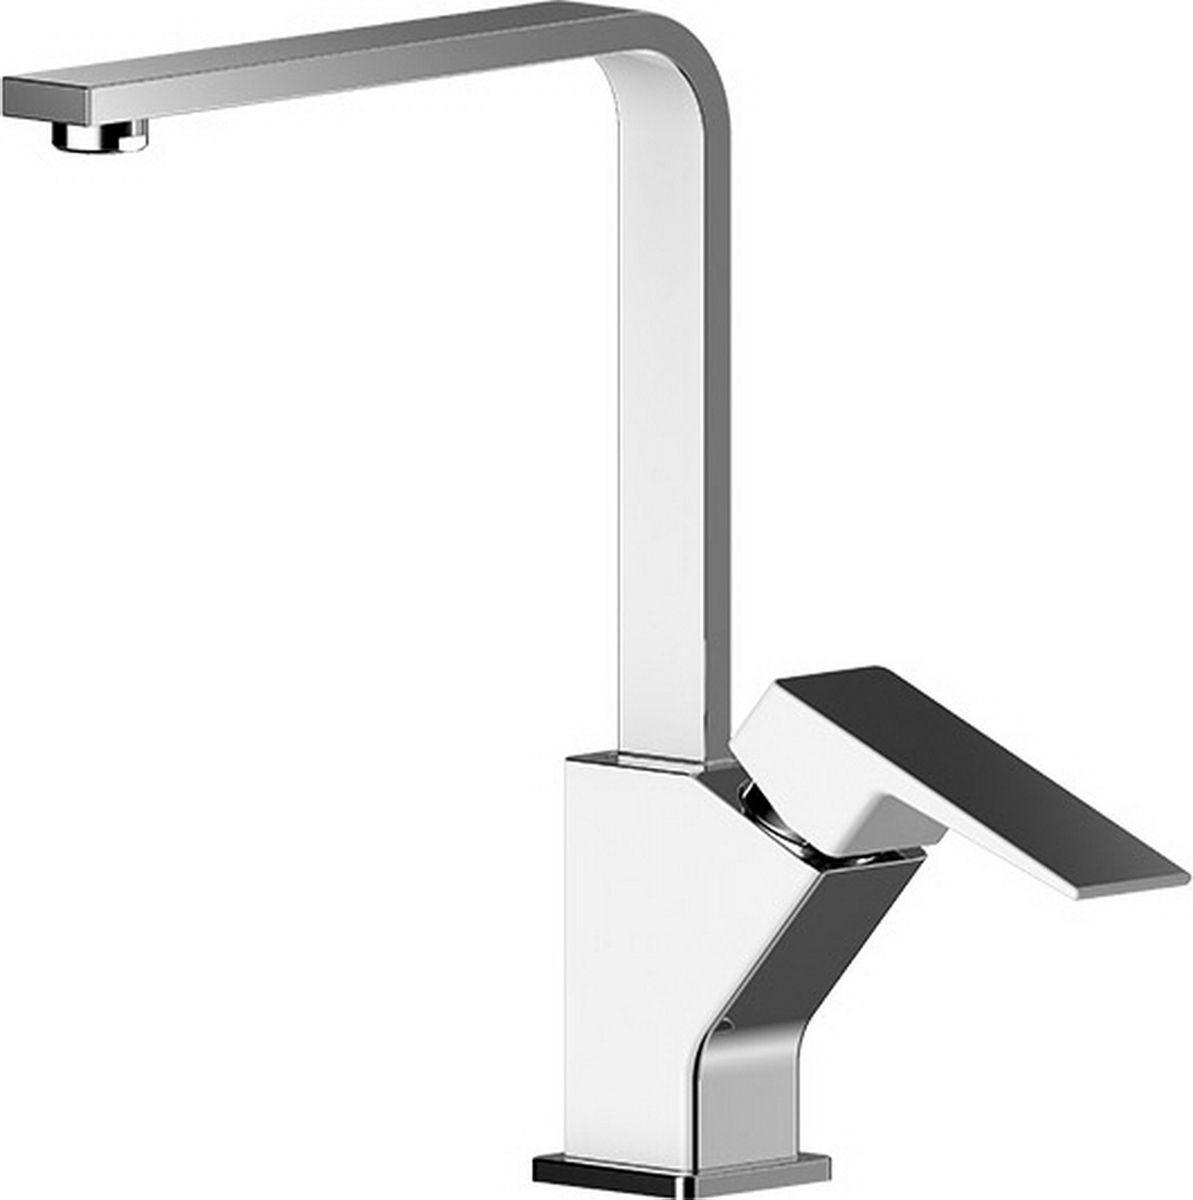 """Смеситель для кухни Argo """"Adam"""" предназначен для смешивания холодной и горячей воды, устанавливается на мойку. Выполнен из высококачественного металла с покрытием из никеля и хрома. В комплекте гибкая подводка """"Mateu"""" (длина 50 см) и ключ для демонтажа аэратора.    Запорный механизм: картридж d-35 мм """"LongTop-size"""" SEDAL (Испания)   Аэратор: М24х1 наружная резьба NEOPERL CASCADE SLC """"Антикалькар"""" 7,5 - 9 л/мин при 0,3 Мпа  Крепеж: двухшточный """"Double-rod"""""""